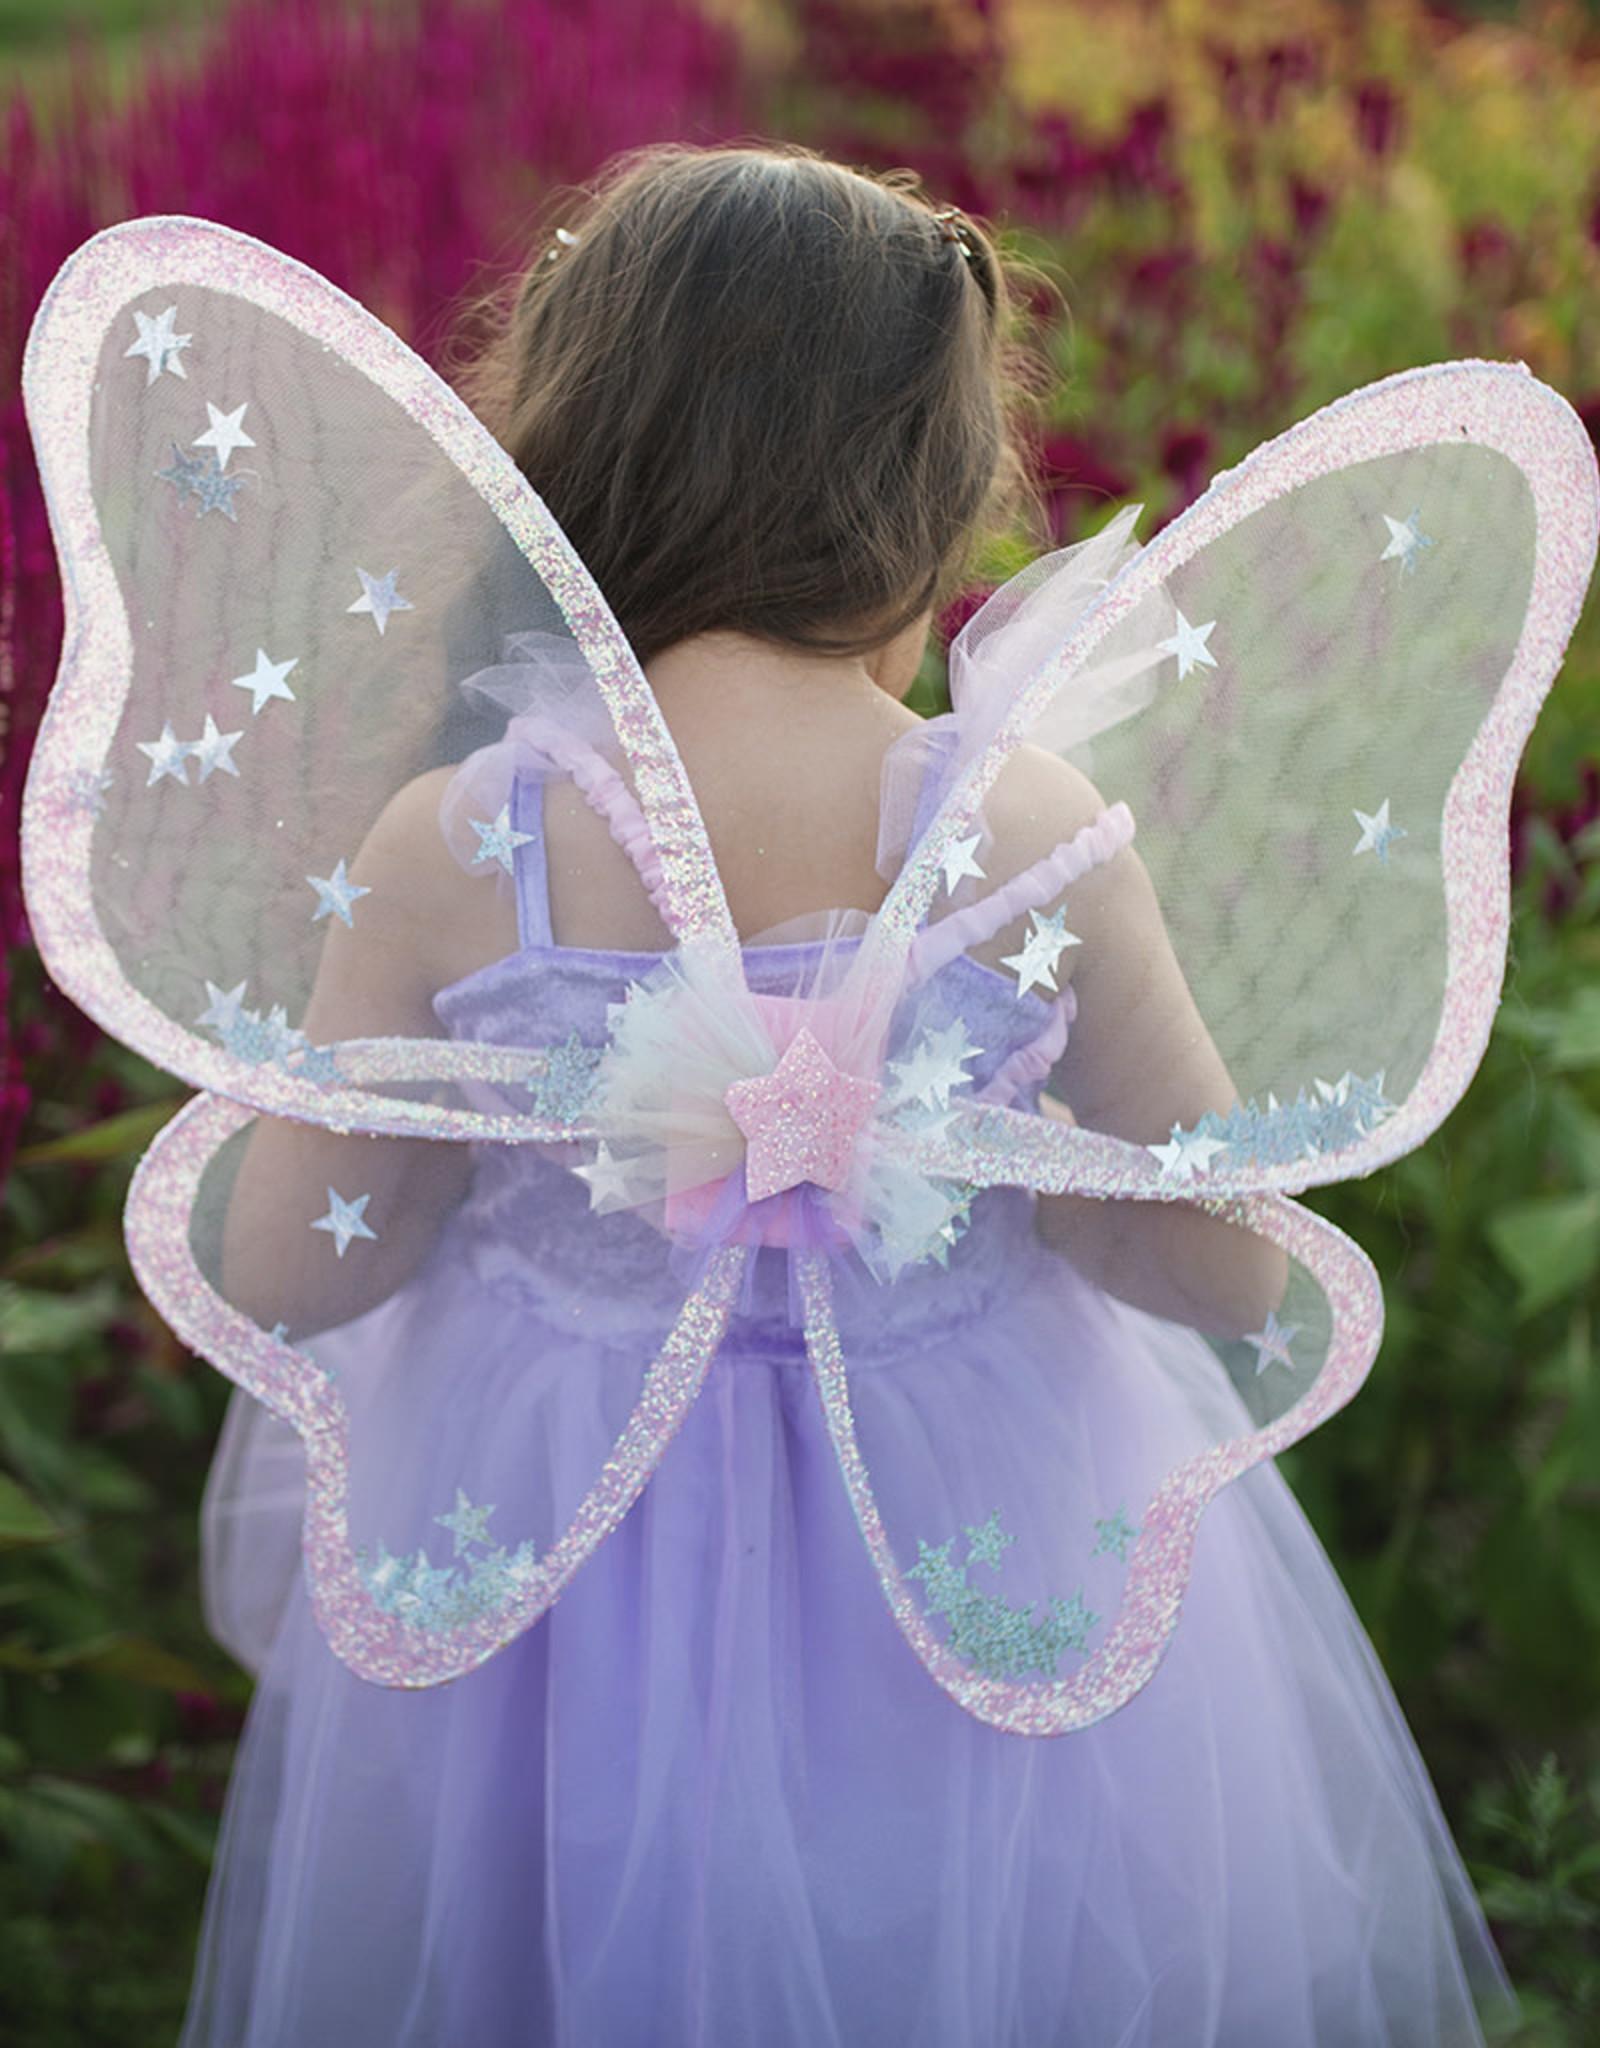 Great Pretenders Twinkling Star Confetti Wings